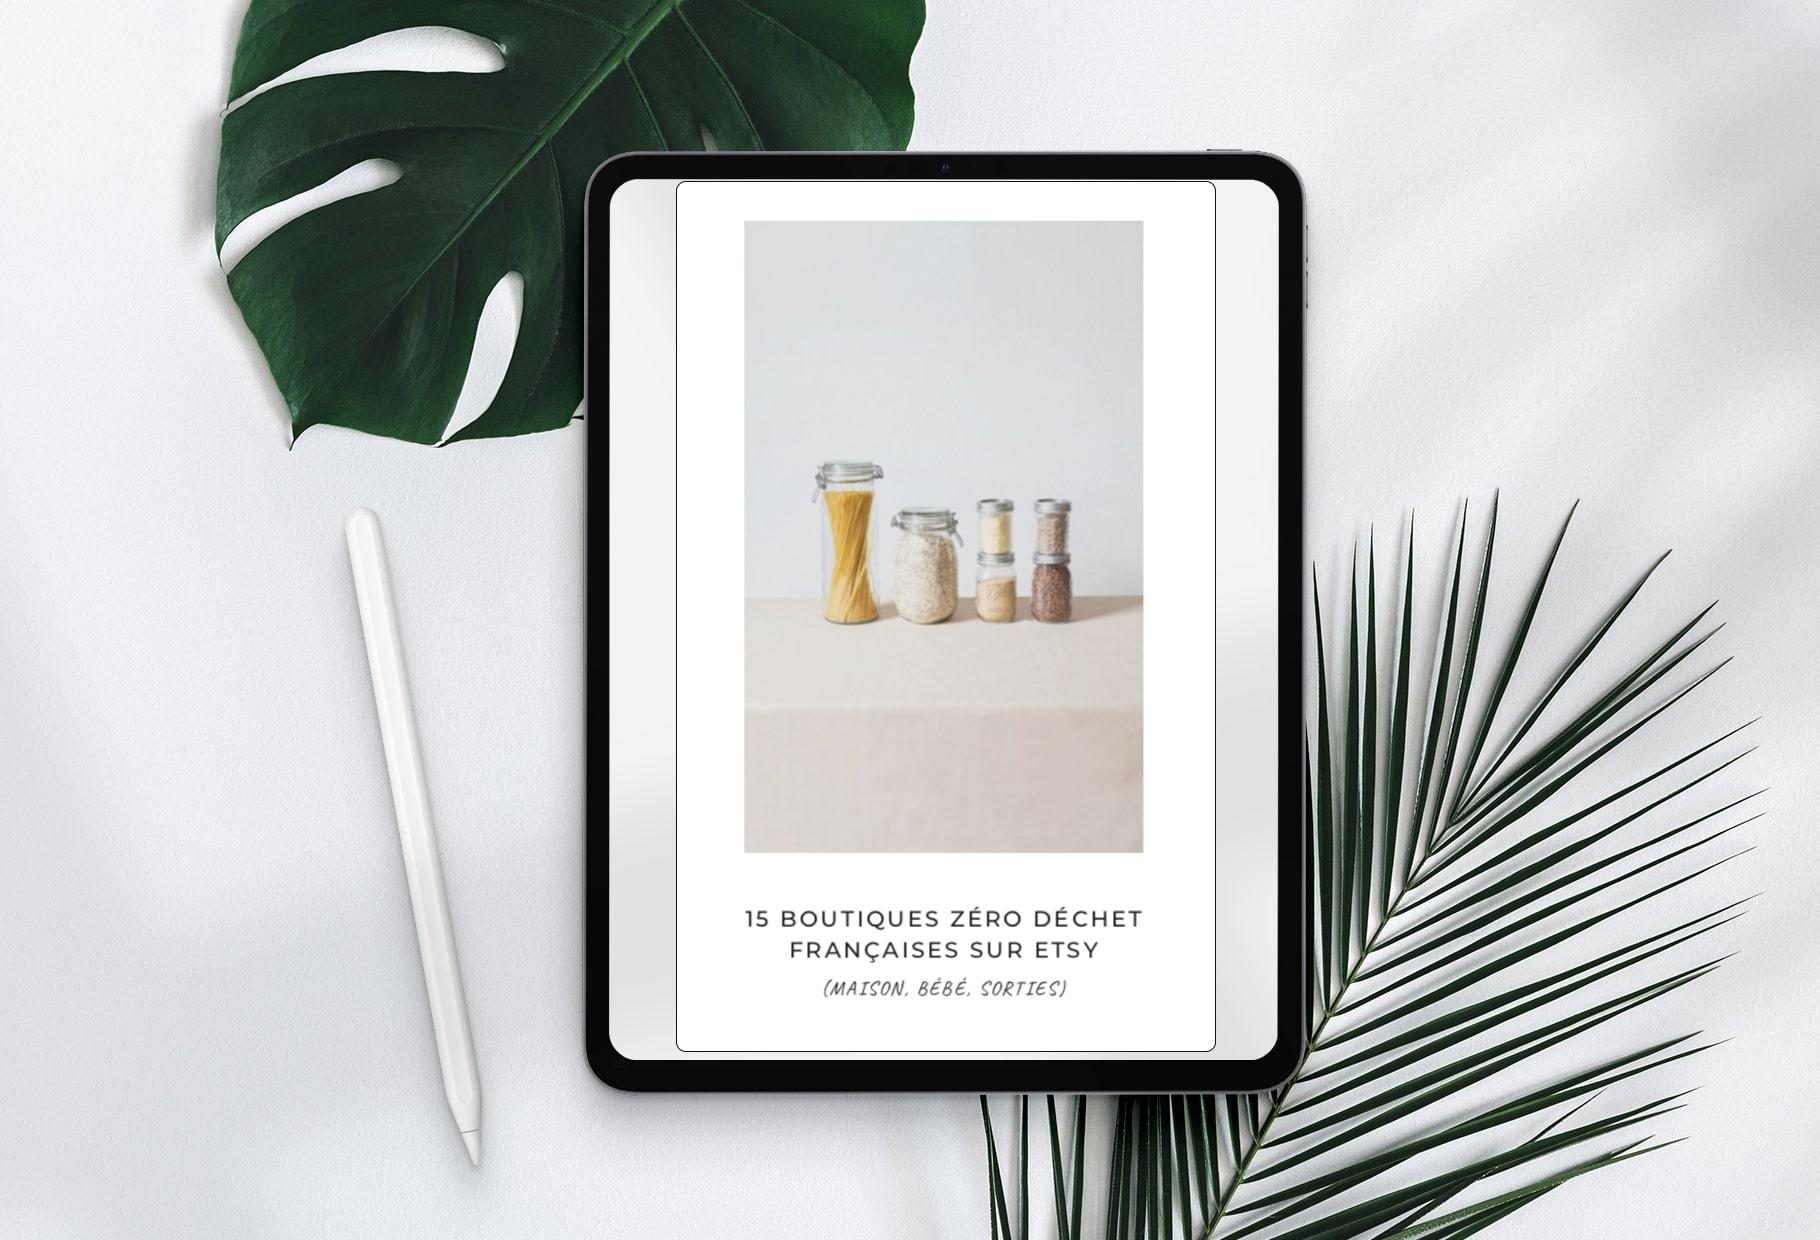 15-boutiques-etsy-françaises-zéro-déchet